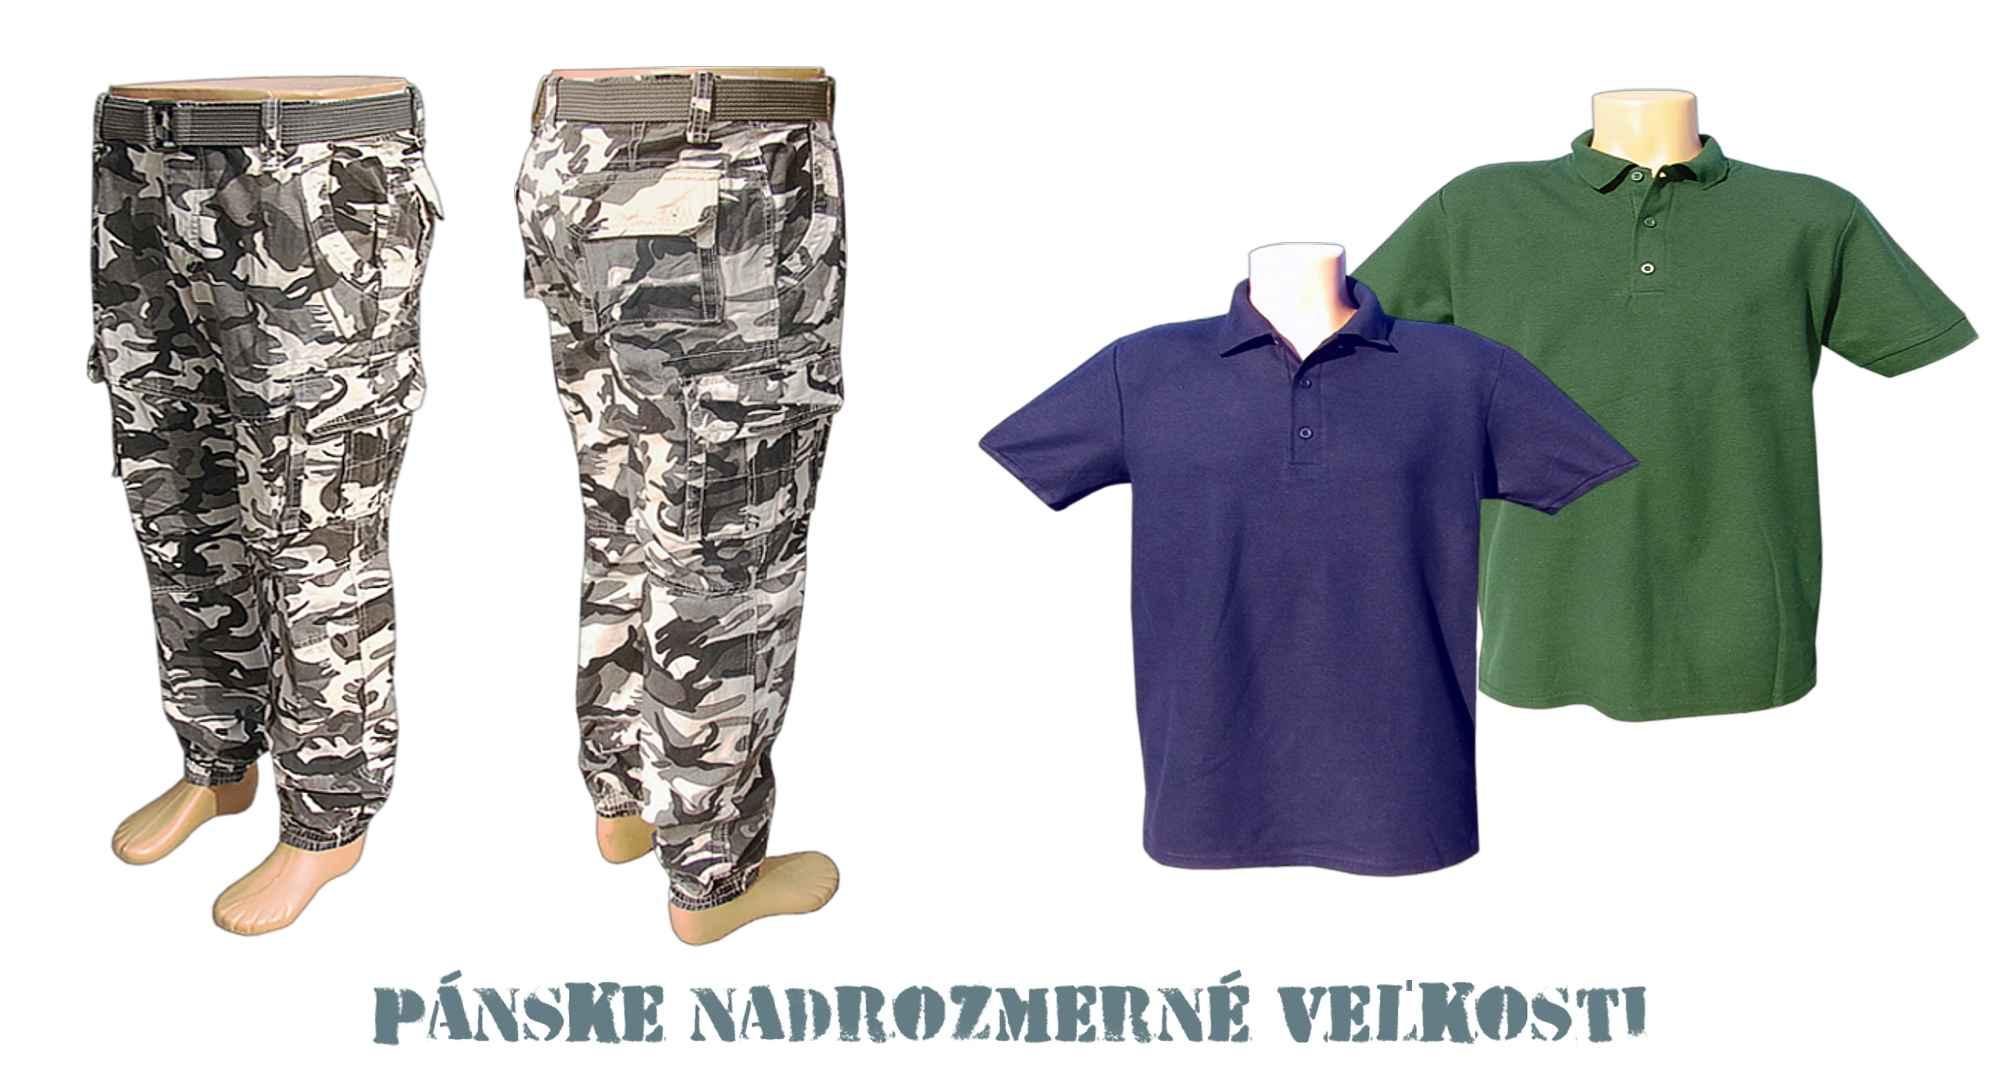 cce5251e940c XXL oblečenie Eshop a veľkosklad odevov Tifantex